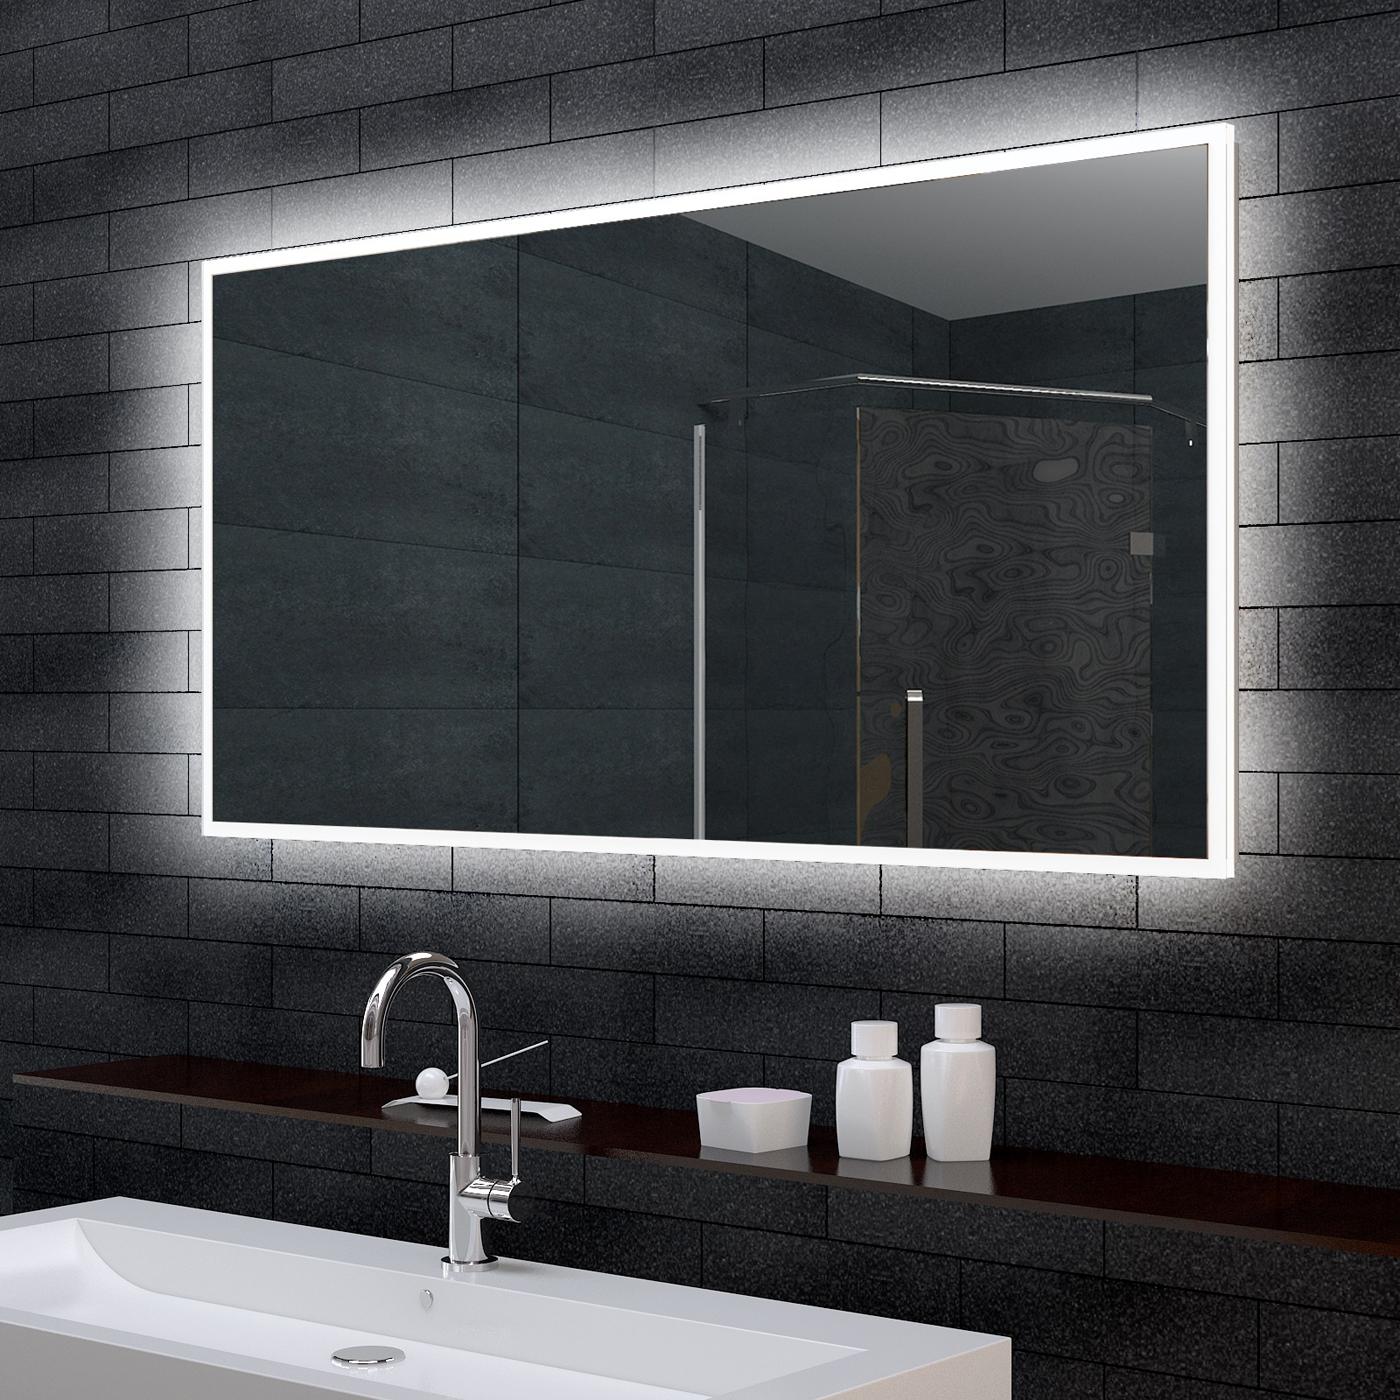 00_1110_0 Spannende Spiegel Mit Led Beleuchtung Dekorationen